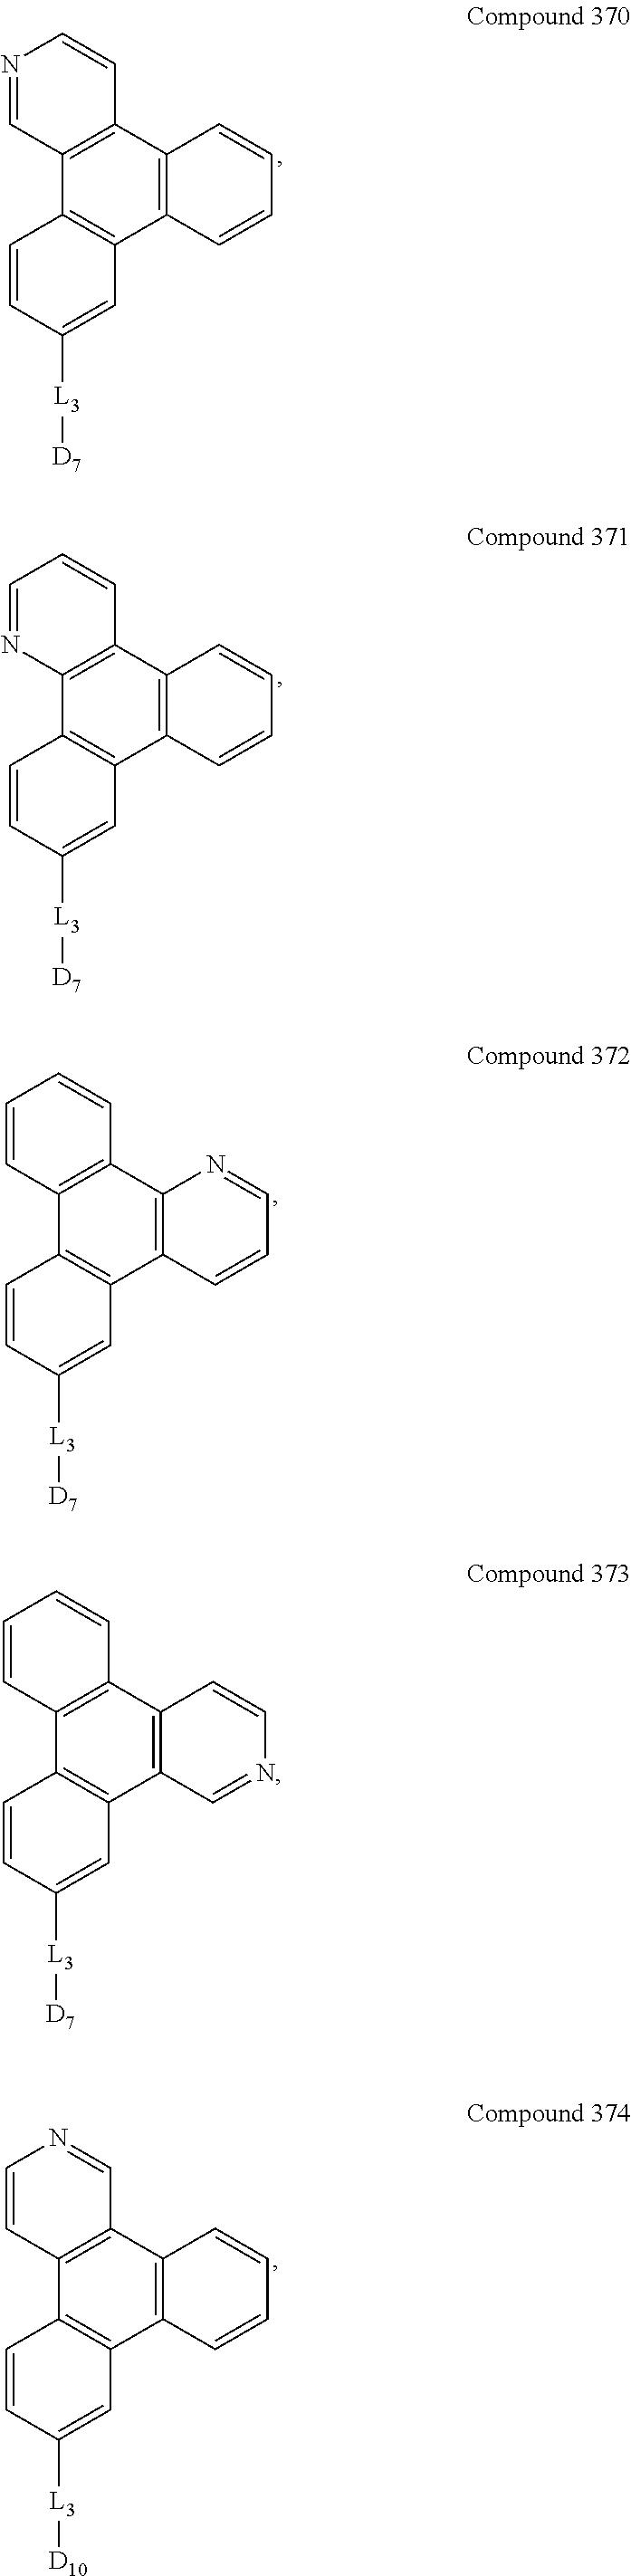 Figure US09537106-20170103-C00548